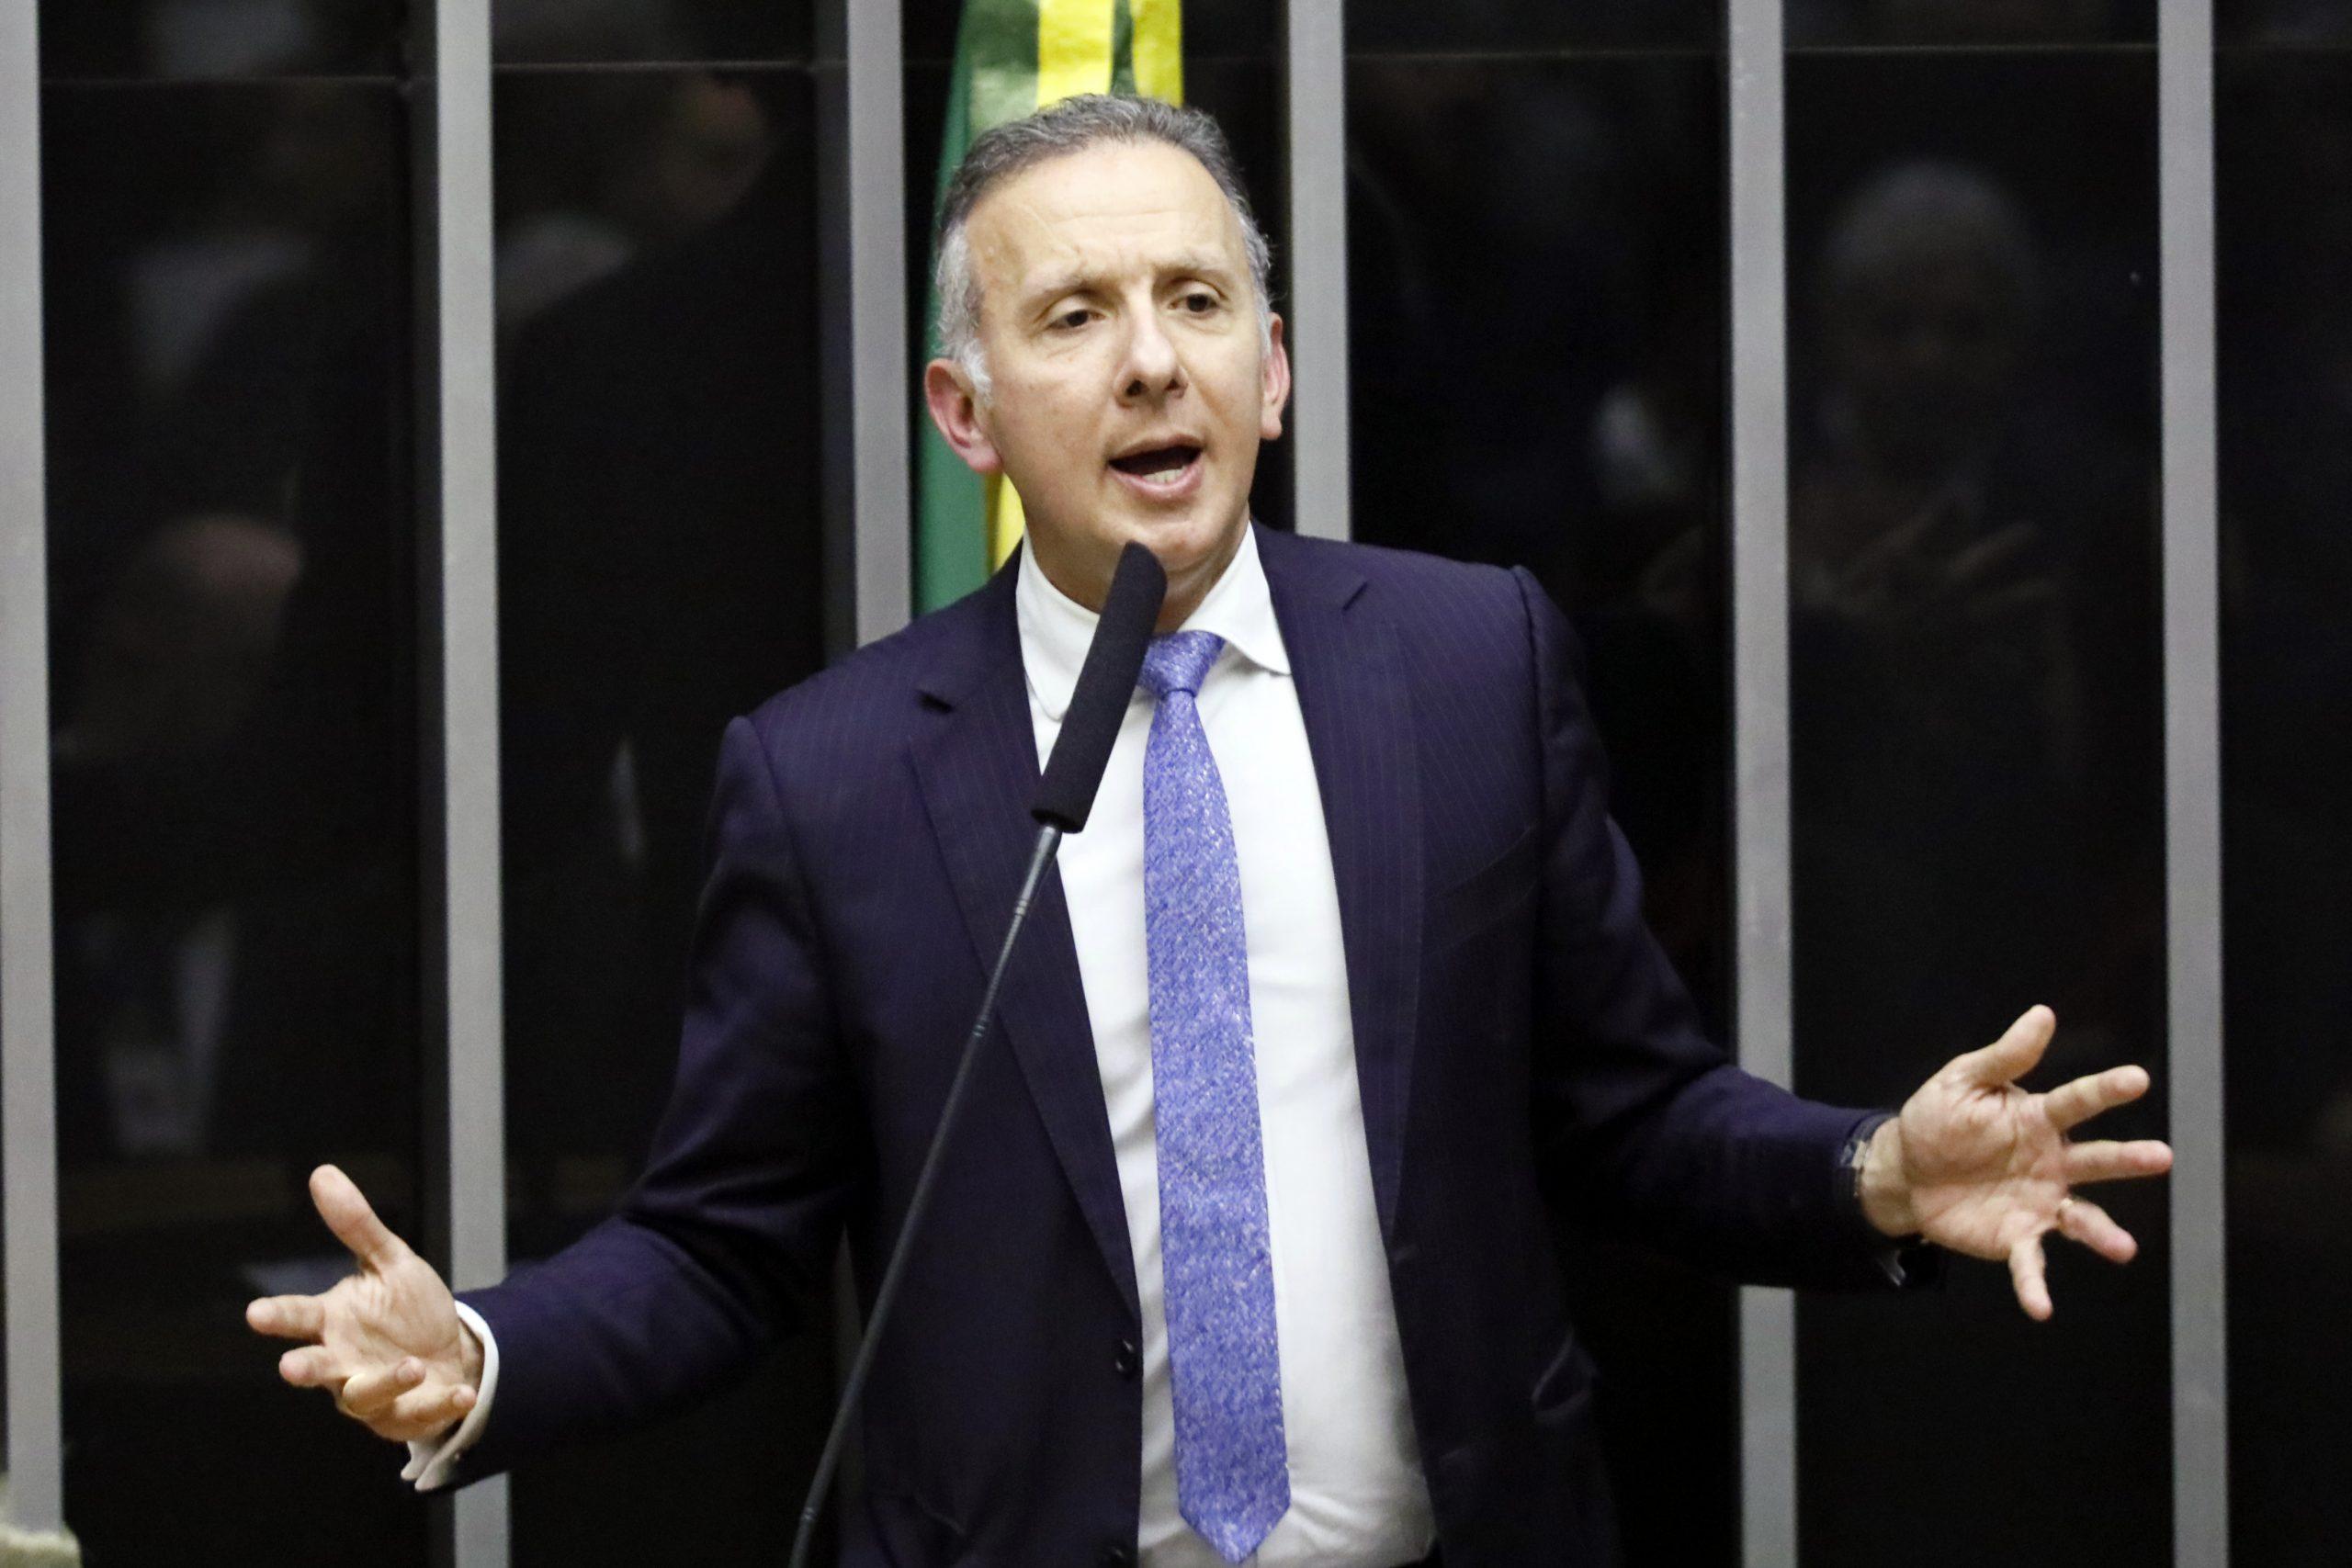 Deputado Aguinaldo Ribeiro. Foto: Luis Macedo/Câmara dos Deputados